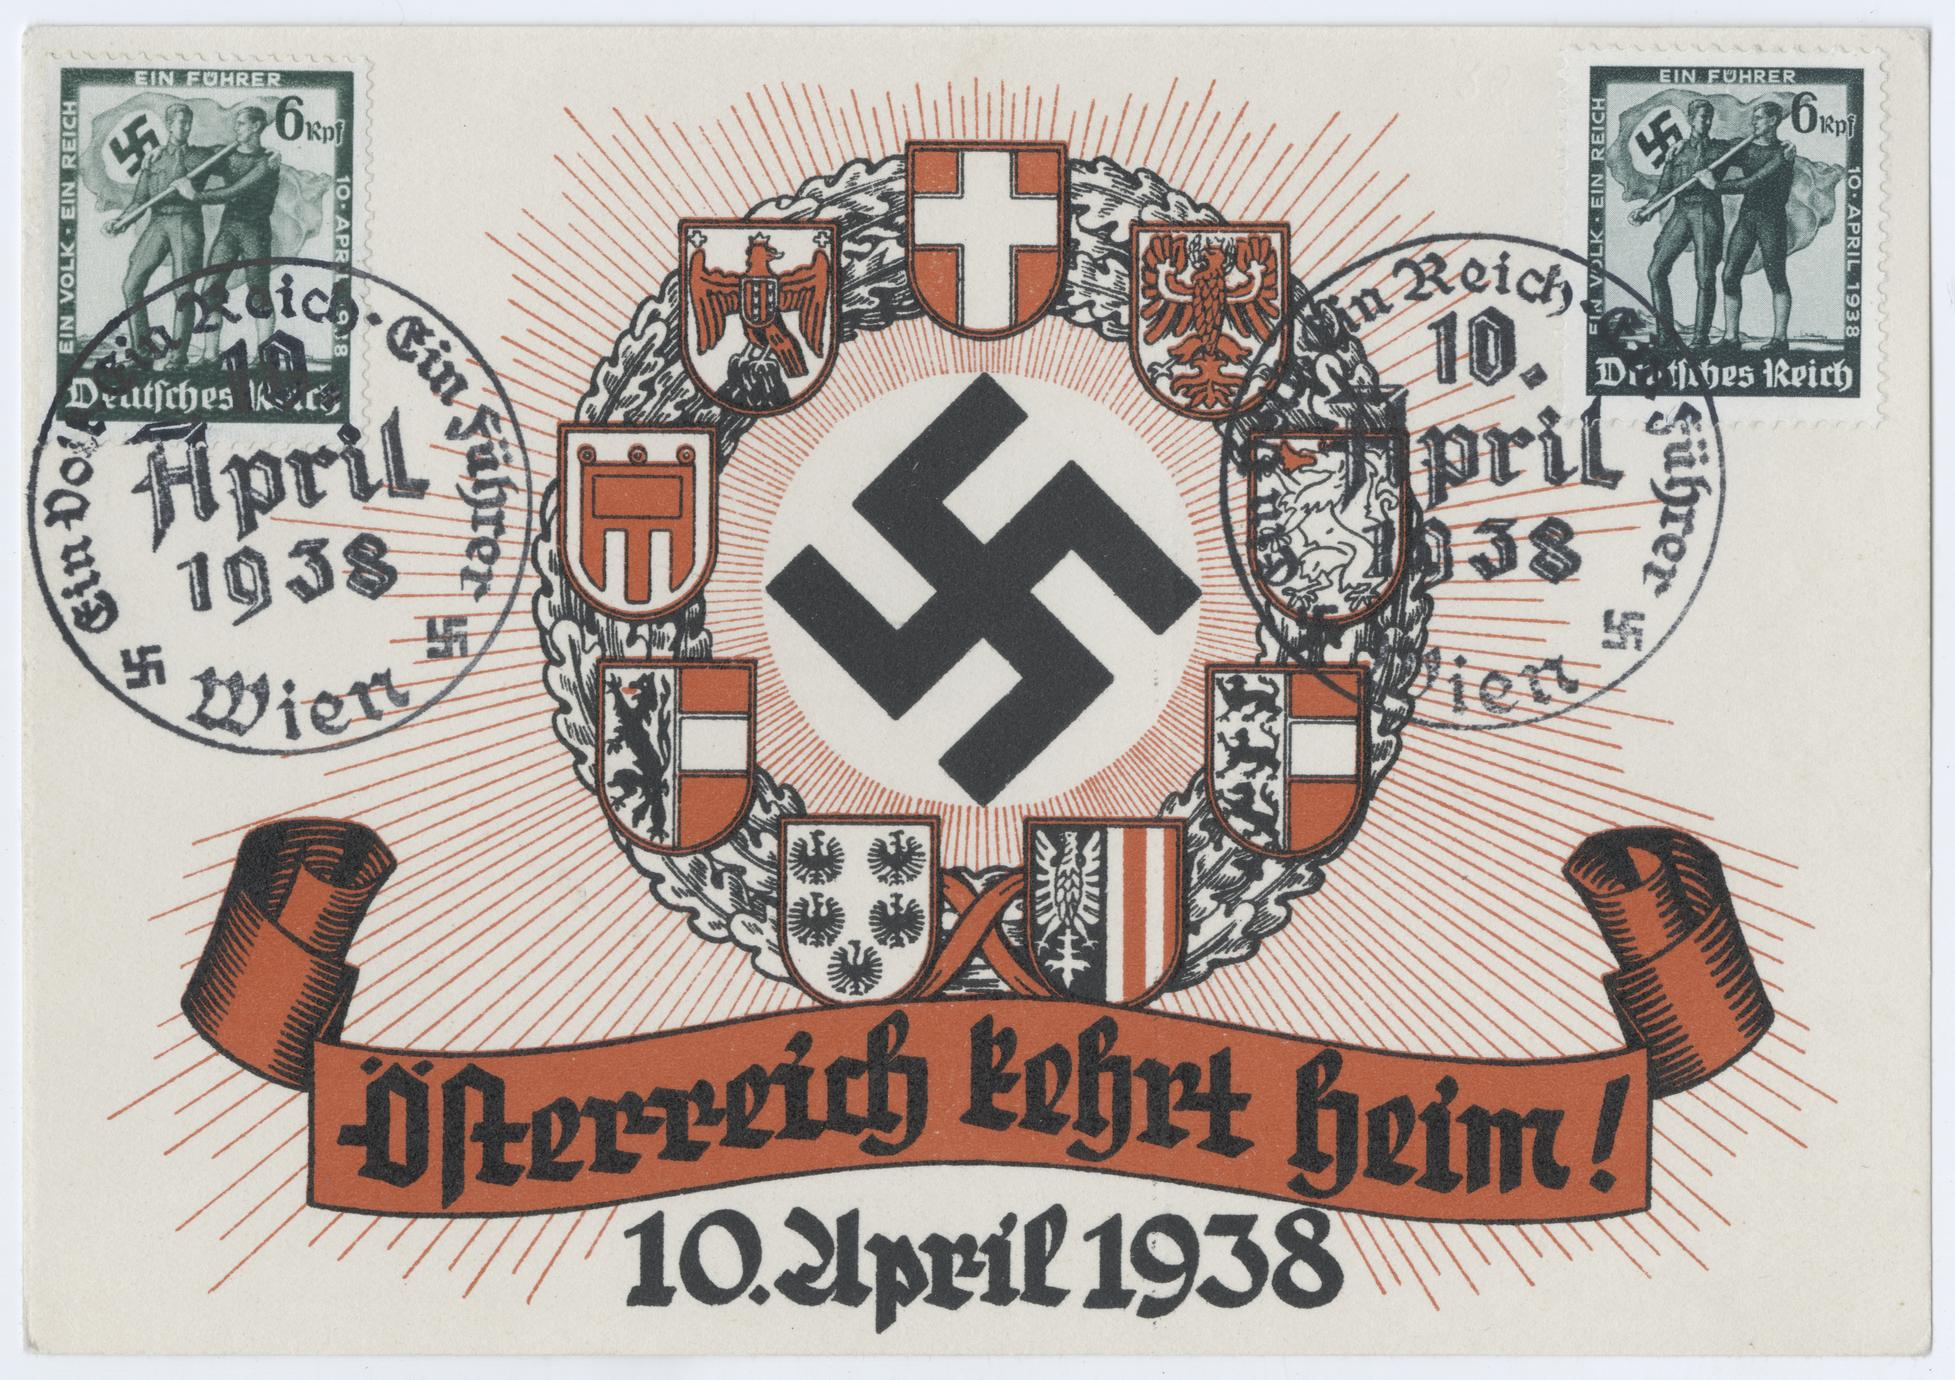 Österreich kehrt heim! 10. April 1938